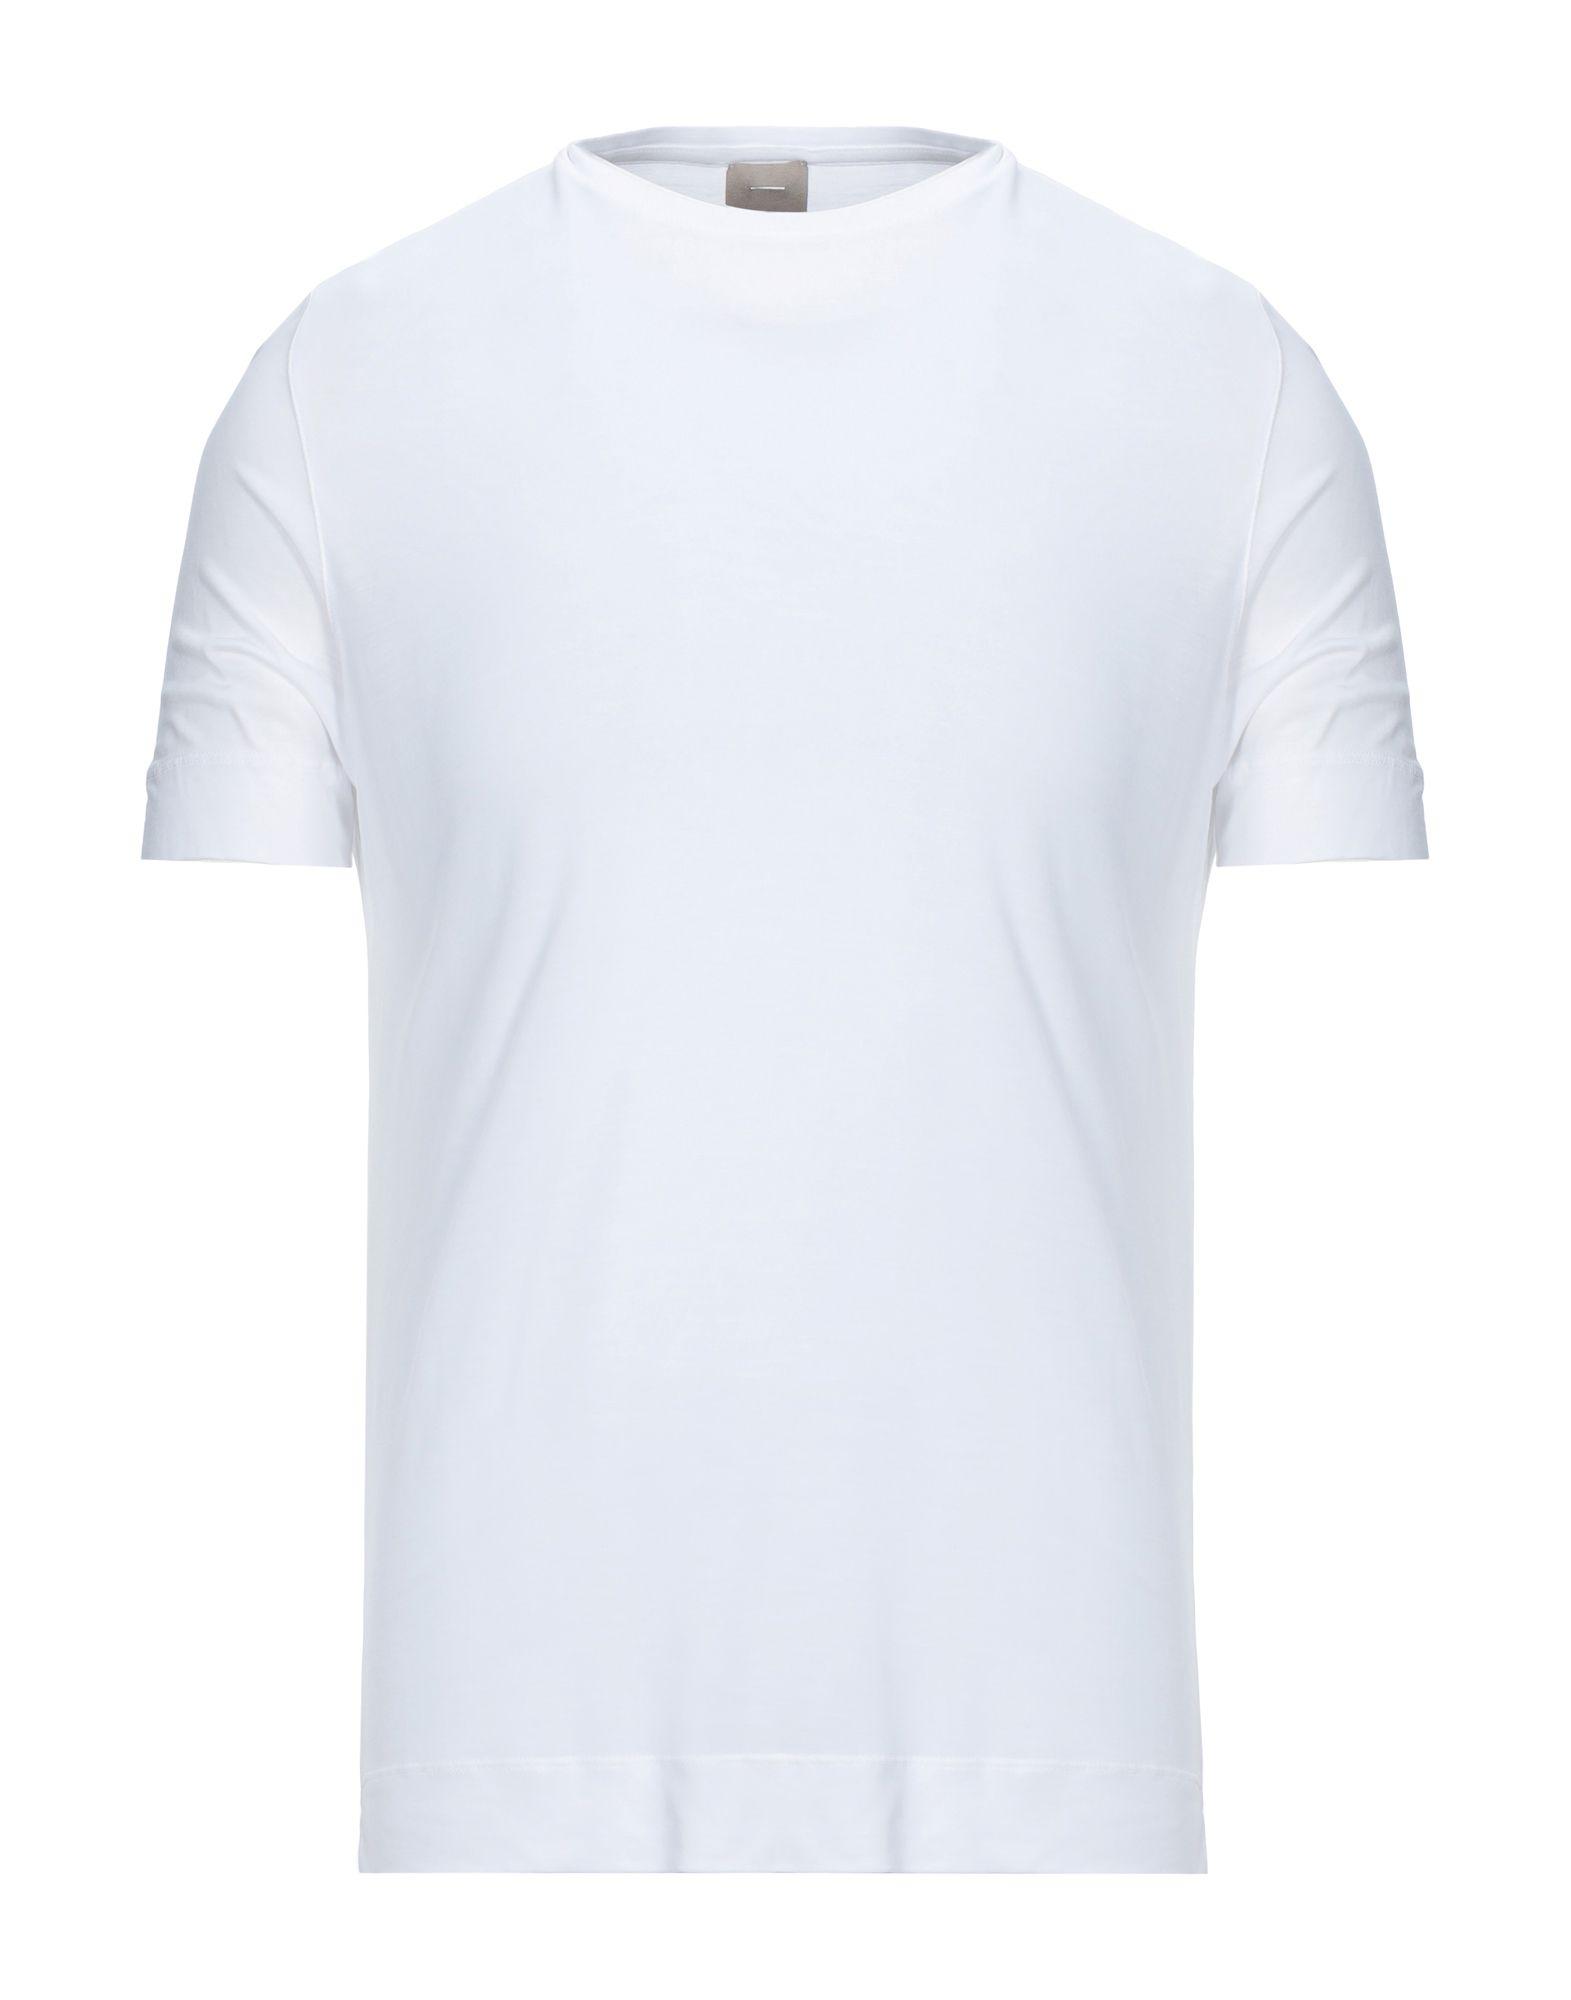 《セール開催中》H953 メンズ T シャツ ホワイト 44 指定外繊維(テンセル)? 100%